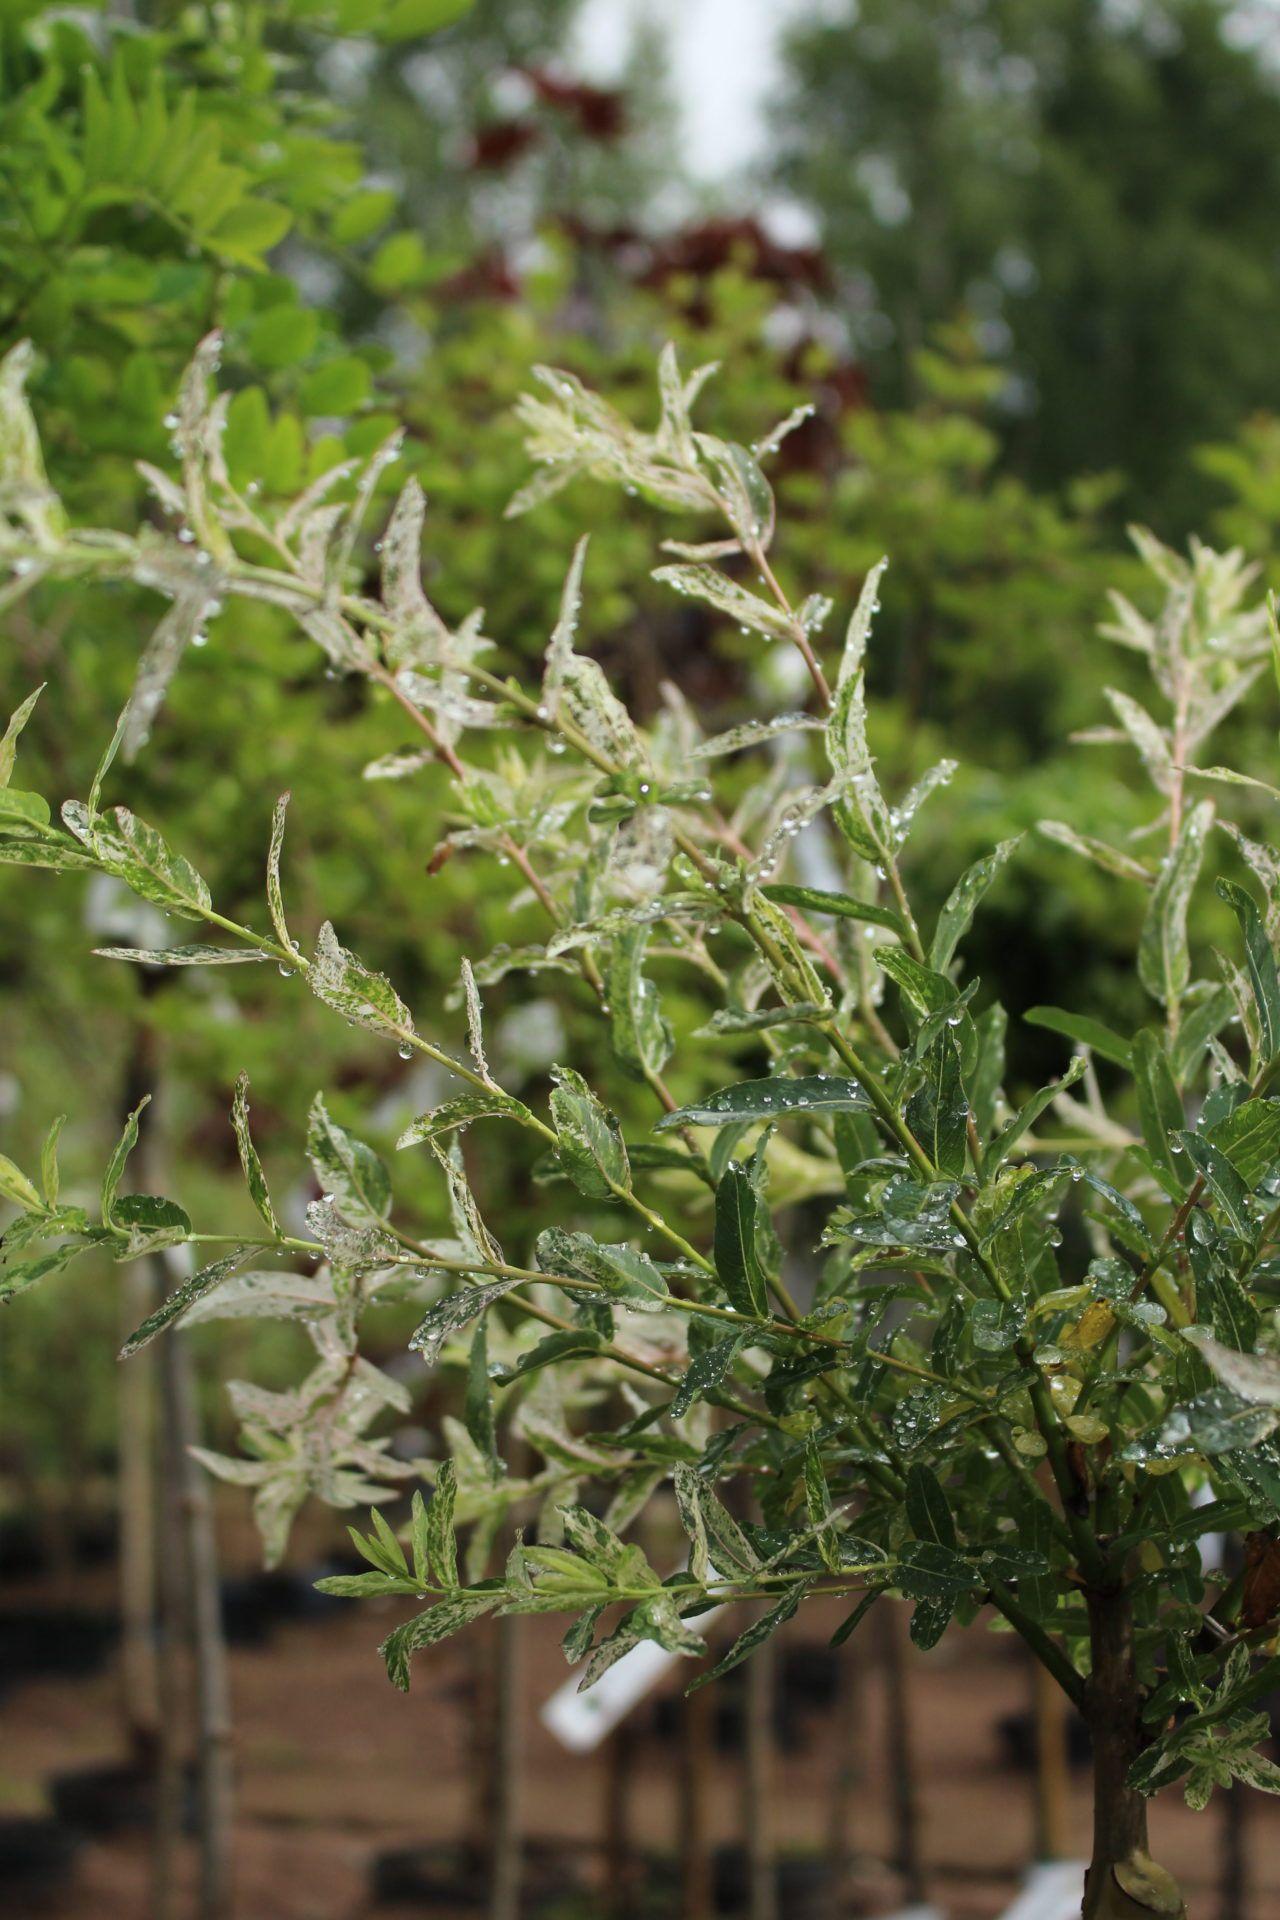 Hakuropaju nishiki Kaunis ja koristeellinen pikkupuu ruukkuistutuksiin. Lehdet valkean, vihreän ja roosan kirjavia. Talvehtii vain suojaisimmilla paikoilla.